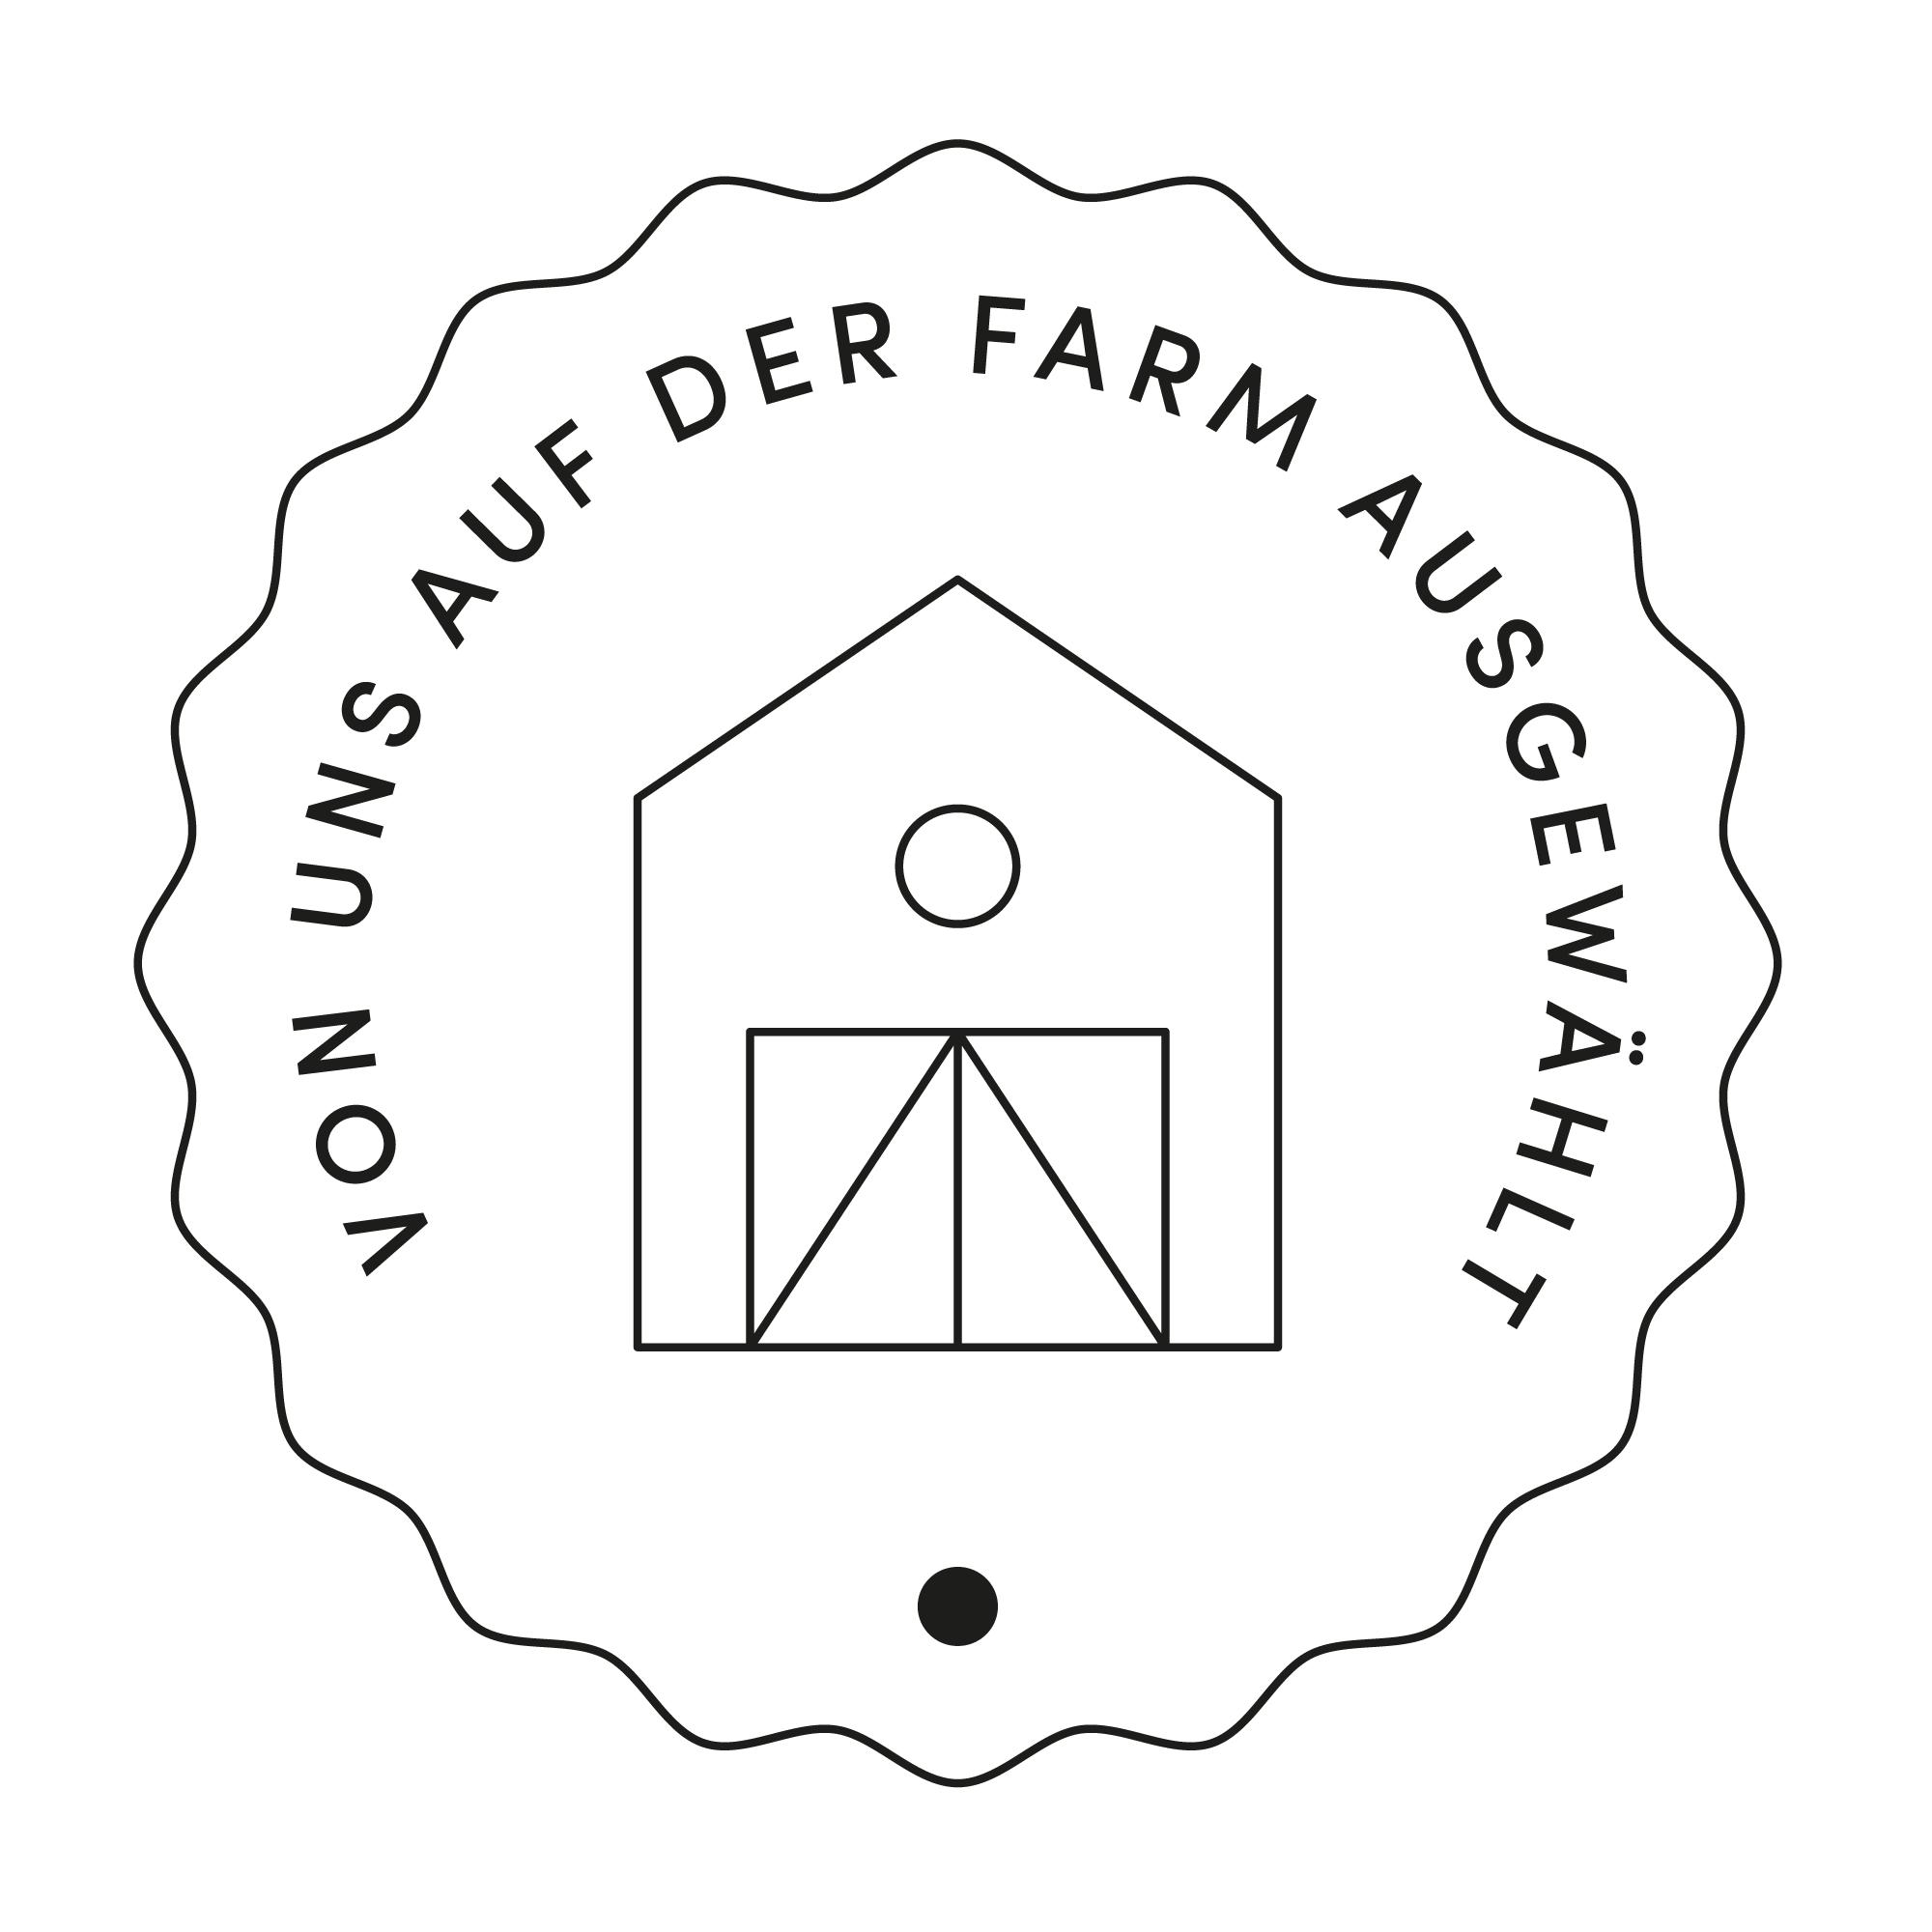 Siegel auf der Farm ausgewählt